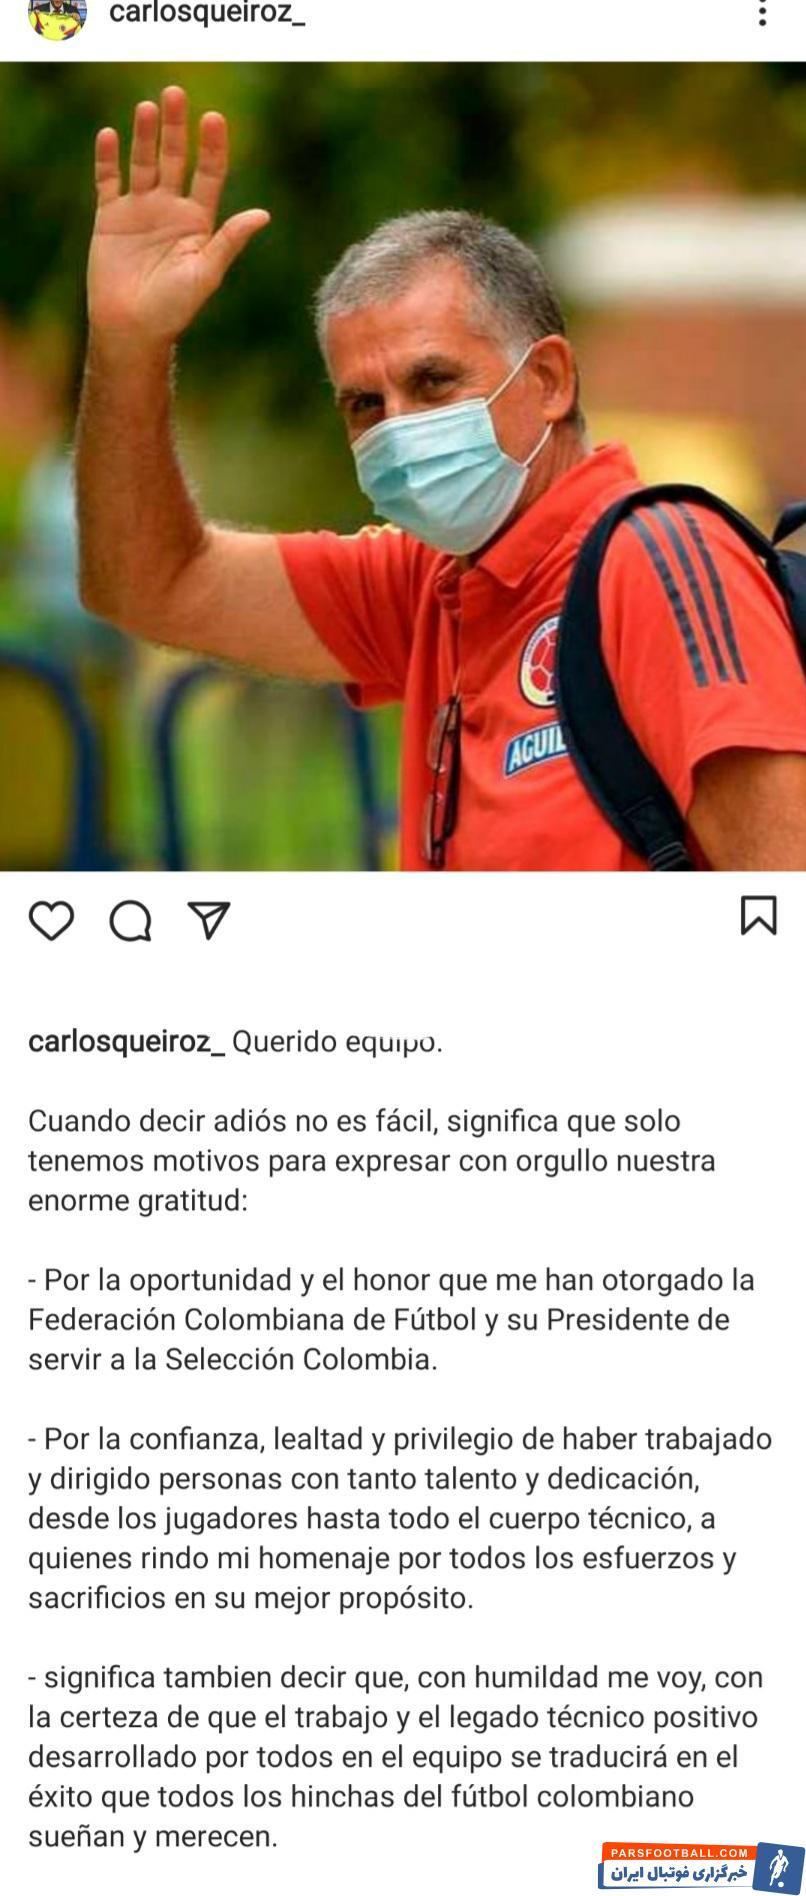 کارلوس کیروش سرمربی سابق تیم ملی فوتبال ایران با قرار دادن پستی در صفحه اینستاگرام خود به شکل رسمی با تیم ملی کلمبیا خداحافظی کرد.